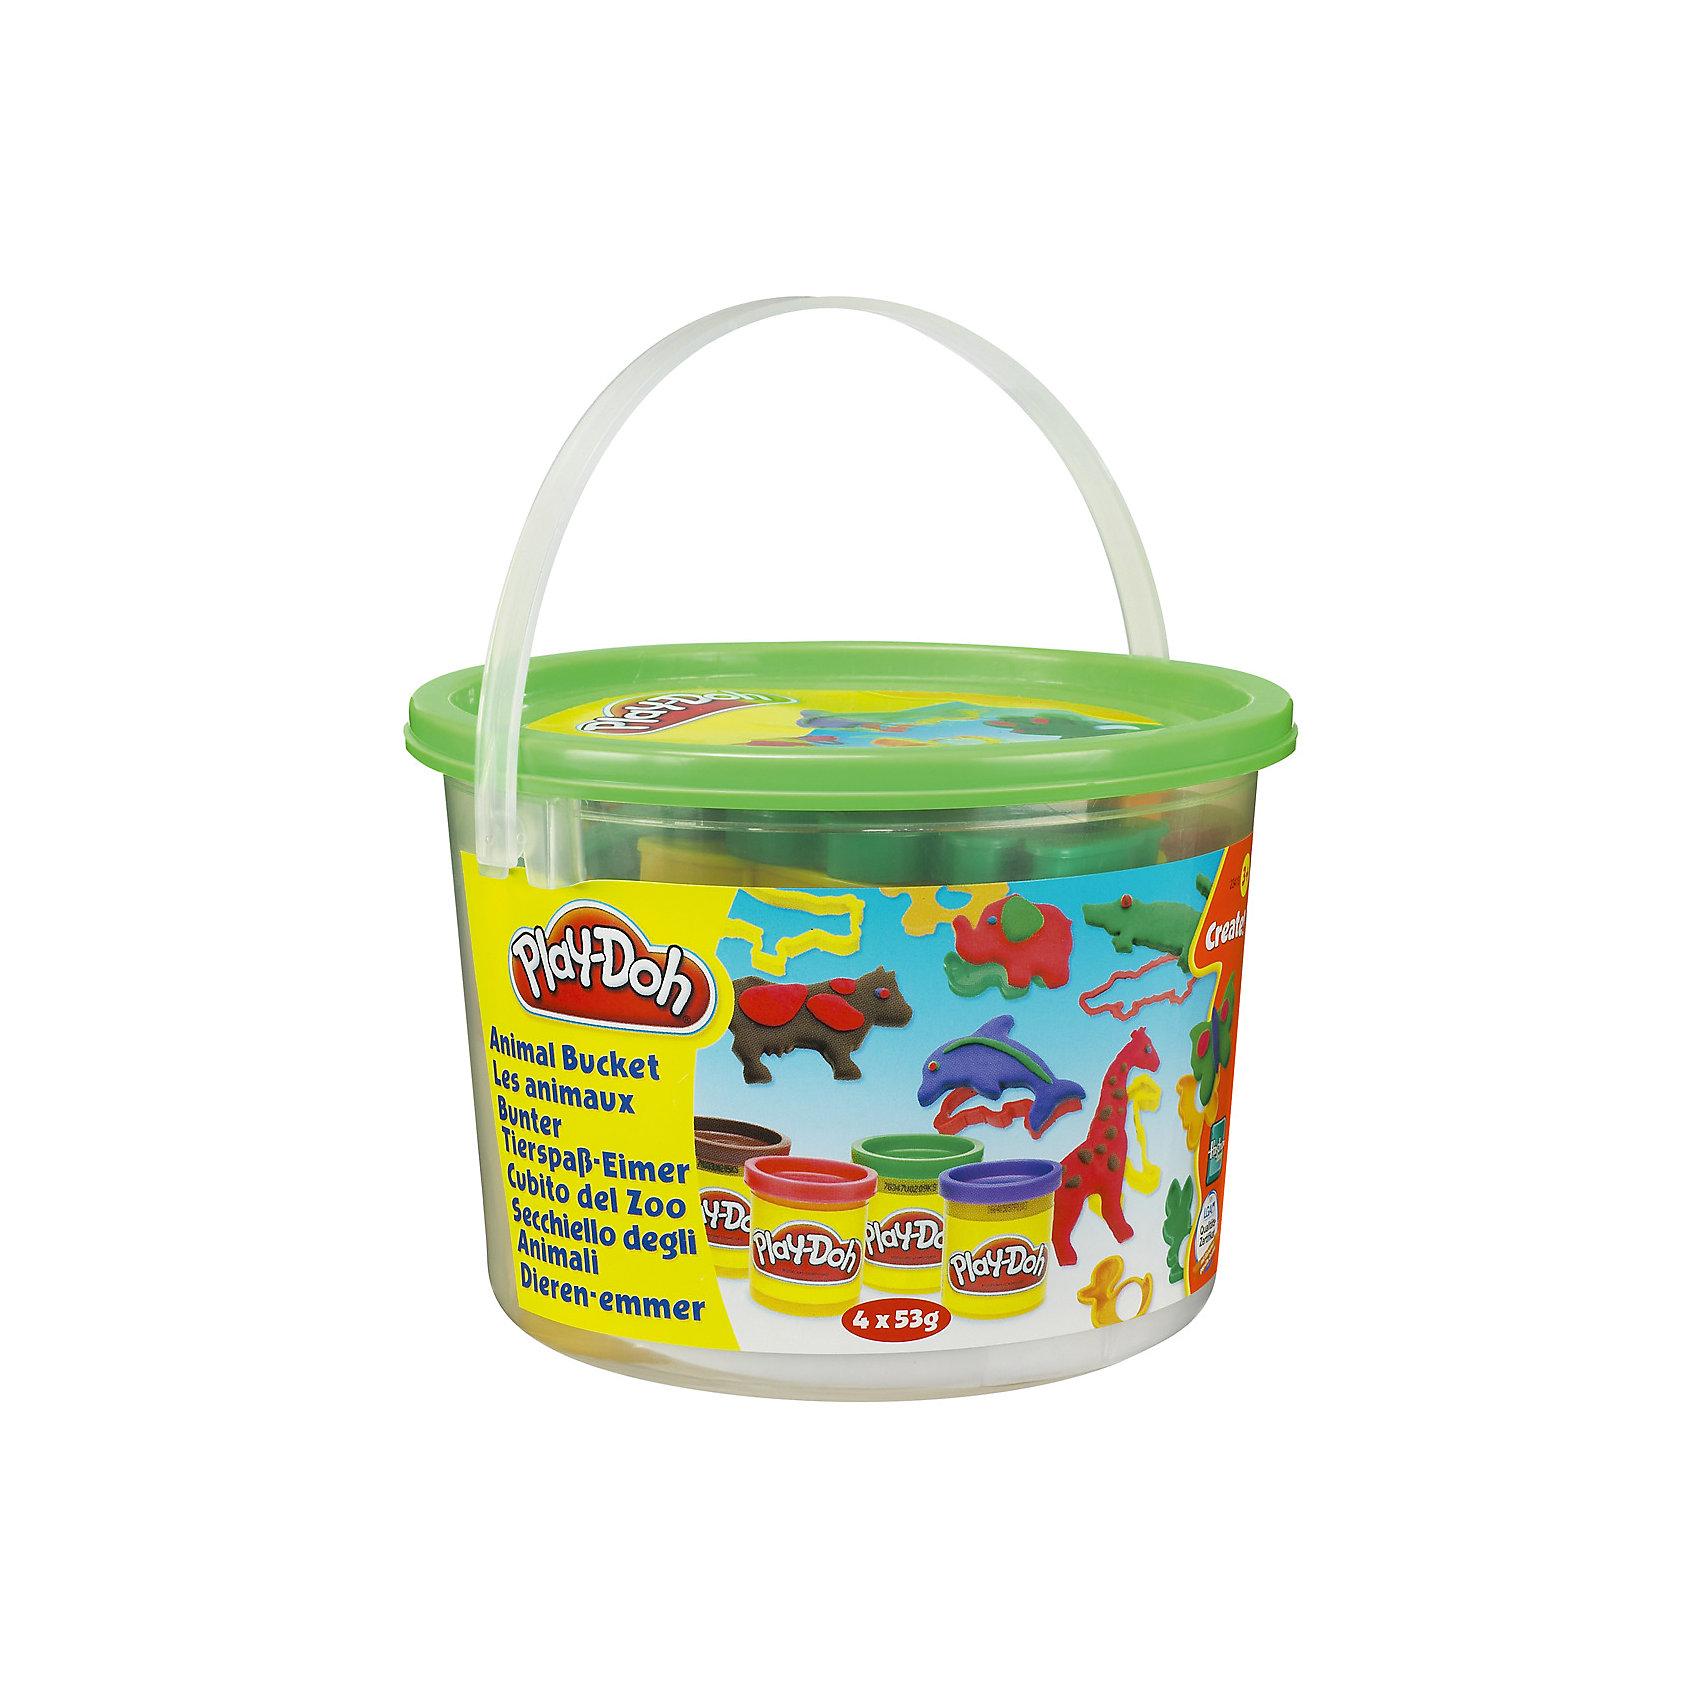 Тематический игровой набор Play-Doh ЖивотныеЛепка<br>Игровой набор Ведерочко, Play-Doh<br><br>Характеристики:<br><br>- в набор входит: 4 цвета теста, 9 формочек, ведерко<br>- состав: вода, мука, соль, красители<br>- размер упаковки: 14,5 * 10 * 14,5 см.<br>- вес: 226 гр.<br>- для детей в возрасте: от 3 до 6 лет<br>- Страна производитель: Китай<br><br>Тесто для лепки Play-Doh (Плей-До) от известного американского производителя товаров для детей Hasbro (Хасбро) понравится детям, которые знакомятся с лепкой. Мягкое, безопасное, нетоксичное тесто состоит из натуральных компонентов, не прилипает к пальчикам и прекрасно смешивается между собой. Этот набор отличается своей оригинальной тематикой и понравится детишкам интересующимся животными и зоопарком. <br><br>В удобном для хранения ведерке лежат четыре отдельные закрывающиеся  баночки с коричневым, фиолетовым, красным и зеленым тестом. Так же в набор входят разные интересные формочки, такие как: коровка, жираф, крокодил, лошадка, бабочка, дельфин, уточка, слон и зайчик. Вы можете декорировать животных, добавляя им пятнышки, узоры и глазки. Цвета теста можно легко комбинировать между собой и смешивать, можно купить любое тесто для лепки Play-Doh (Плей-До) и оно сможет смешаться с тестом из набора. <br><br>Не рекомендуется хранить тесто для лепки на открытом воздухе. Работа с тестом для лепки помогает развить моторику ручек, внимание, творческие способности, тактильное и цветовое восприятие, поможет научиться смешивать цвета и добиться аккуратности в работе с формочками. <br><br>Игровой набор Ведерочко, Play-Doh можно купить в нашем интернет-магазине.<br><br>Ширина мм: 145<br>Глубина мм: 145<br>Высота мм: 105<br>Вес г: 372<br>Возраст от месяцев: 36<br>Возраст до месяцев: 120<br>Пол: Унисекс<br>Возраст: Детский<br>SKU: 5385711